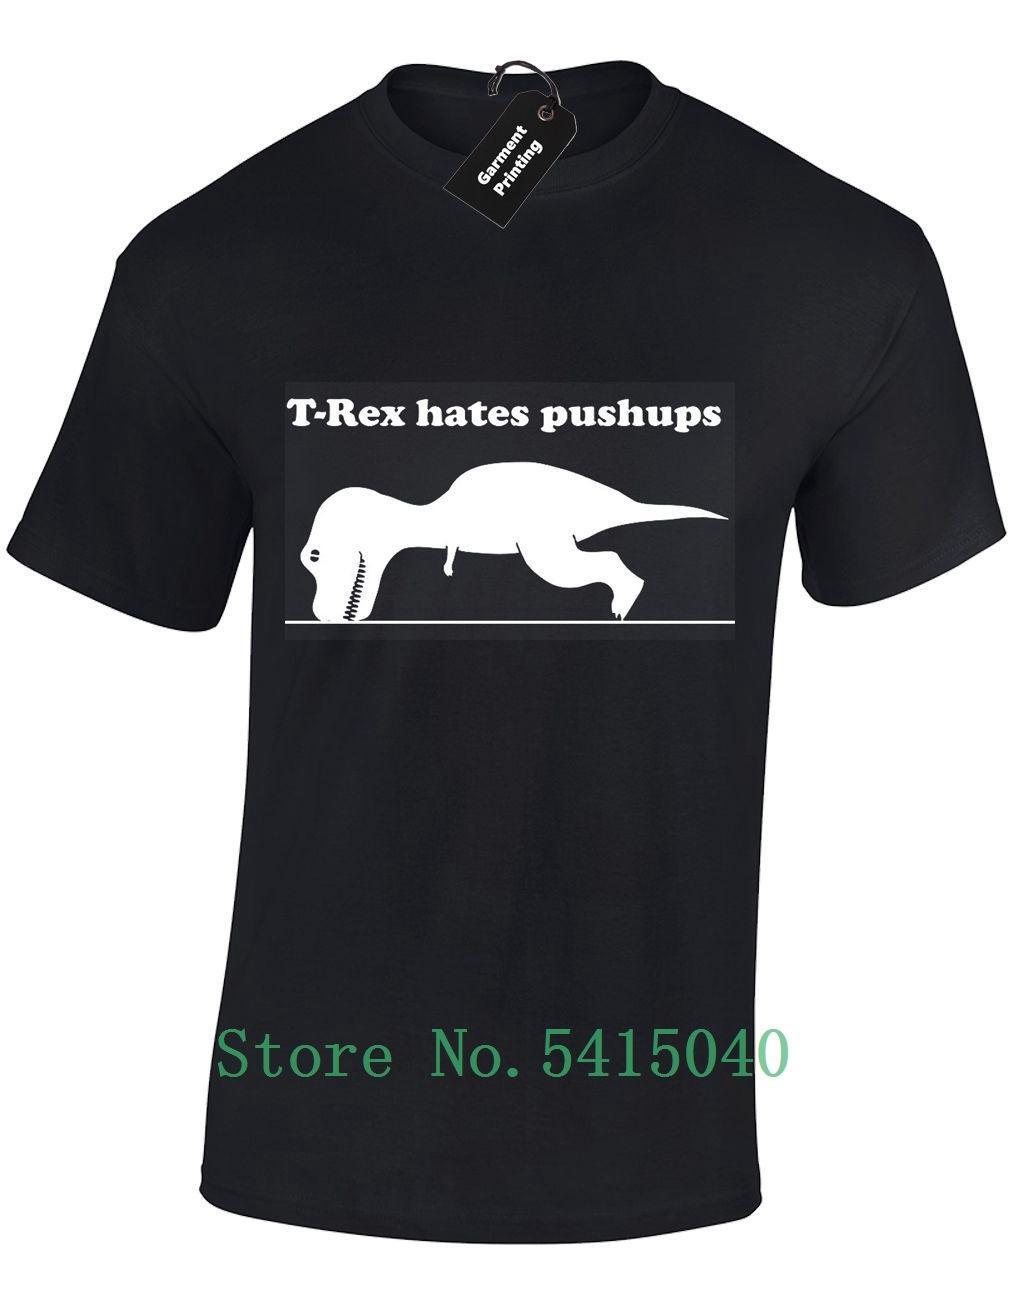 T Rex Hates itin Ups Erkek T Shirt Tee Komik Yeni Kalite Unisex Jimnastik Eğitimi Üst Tasarım Casual Gurur Tişörtlü Erkekler Yeni Tişörtü